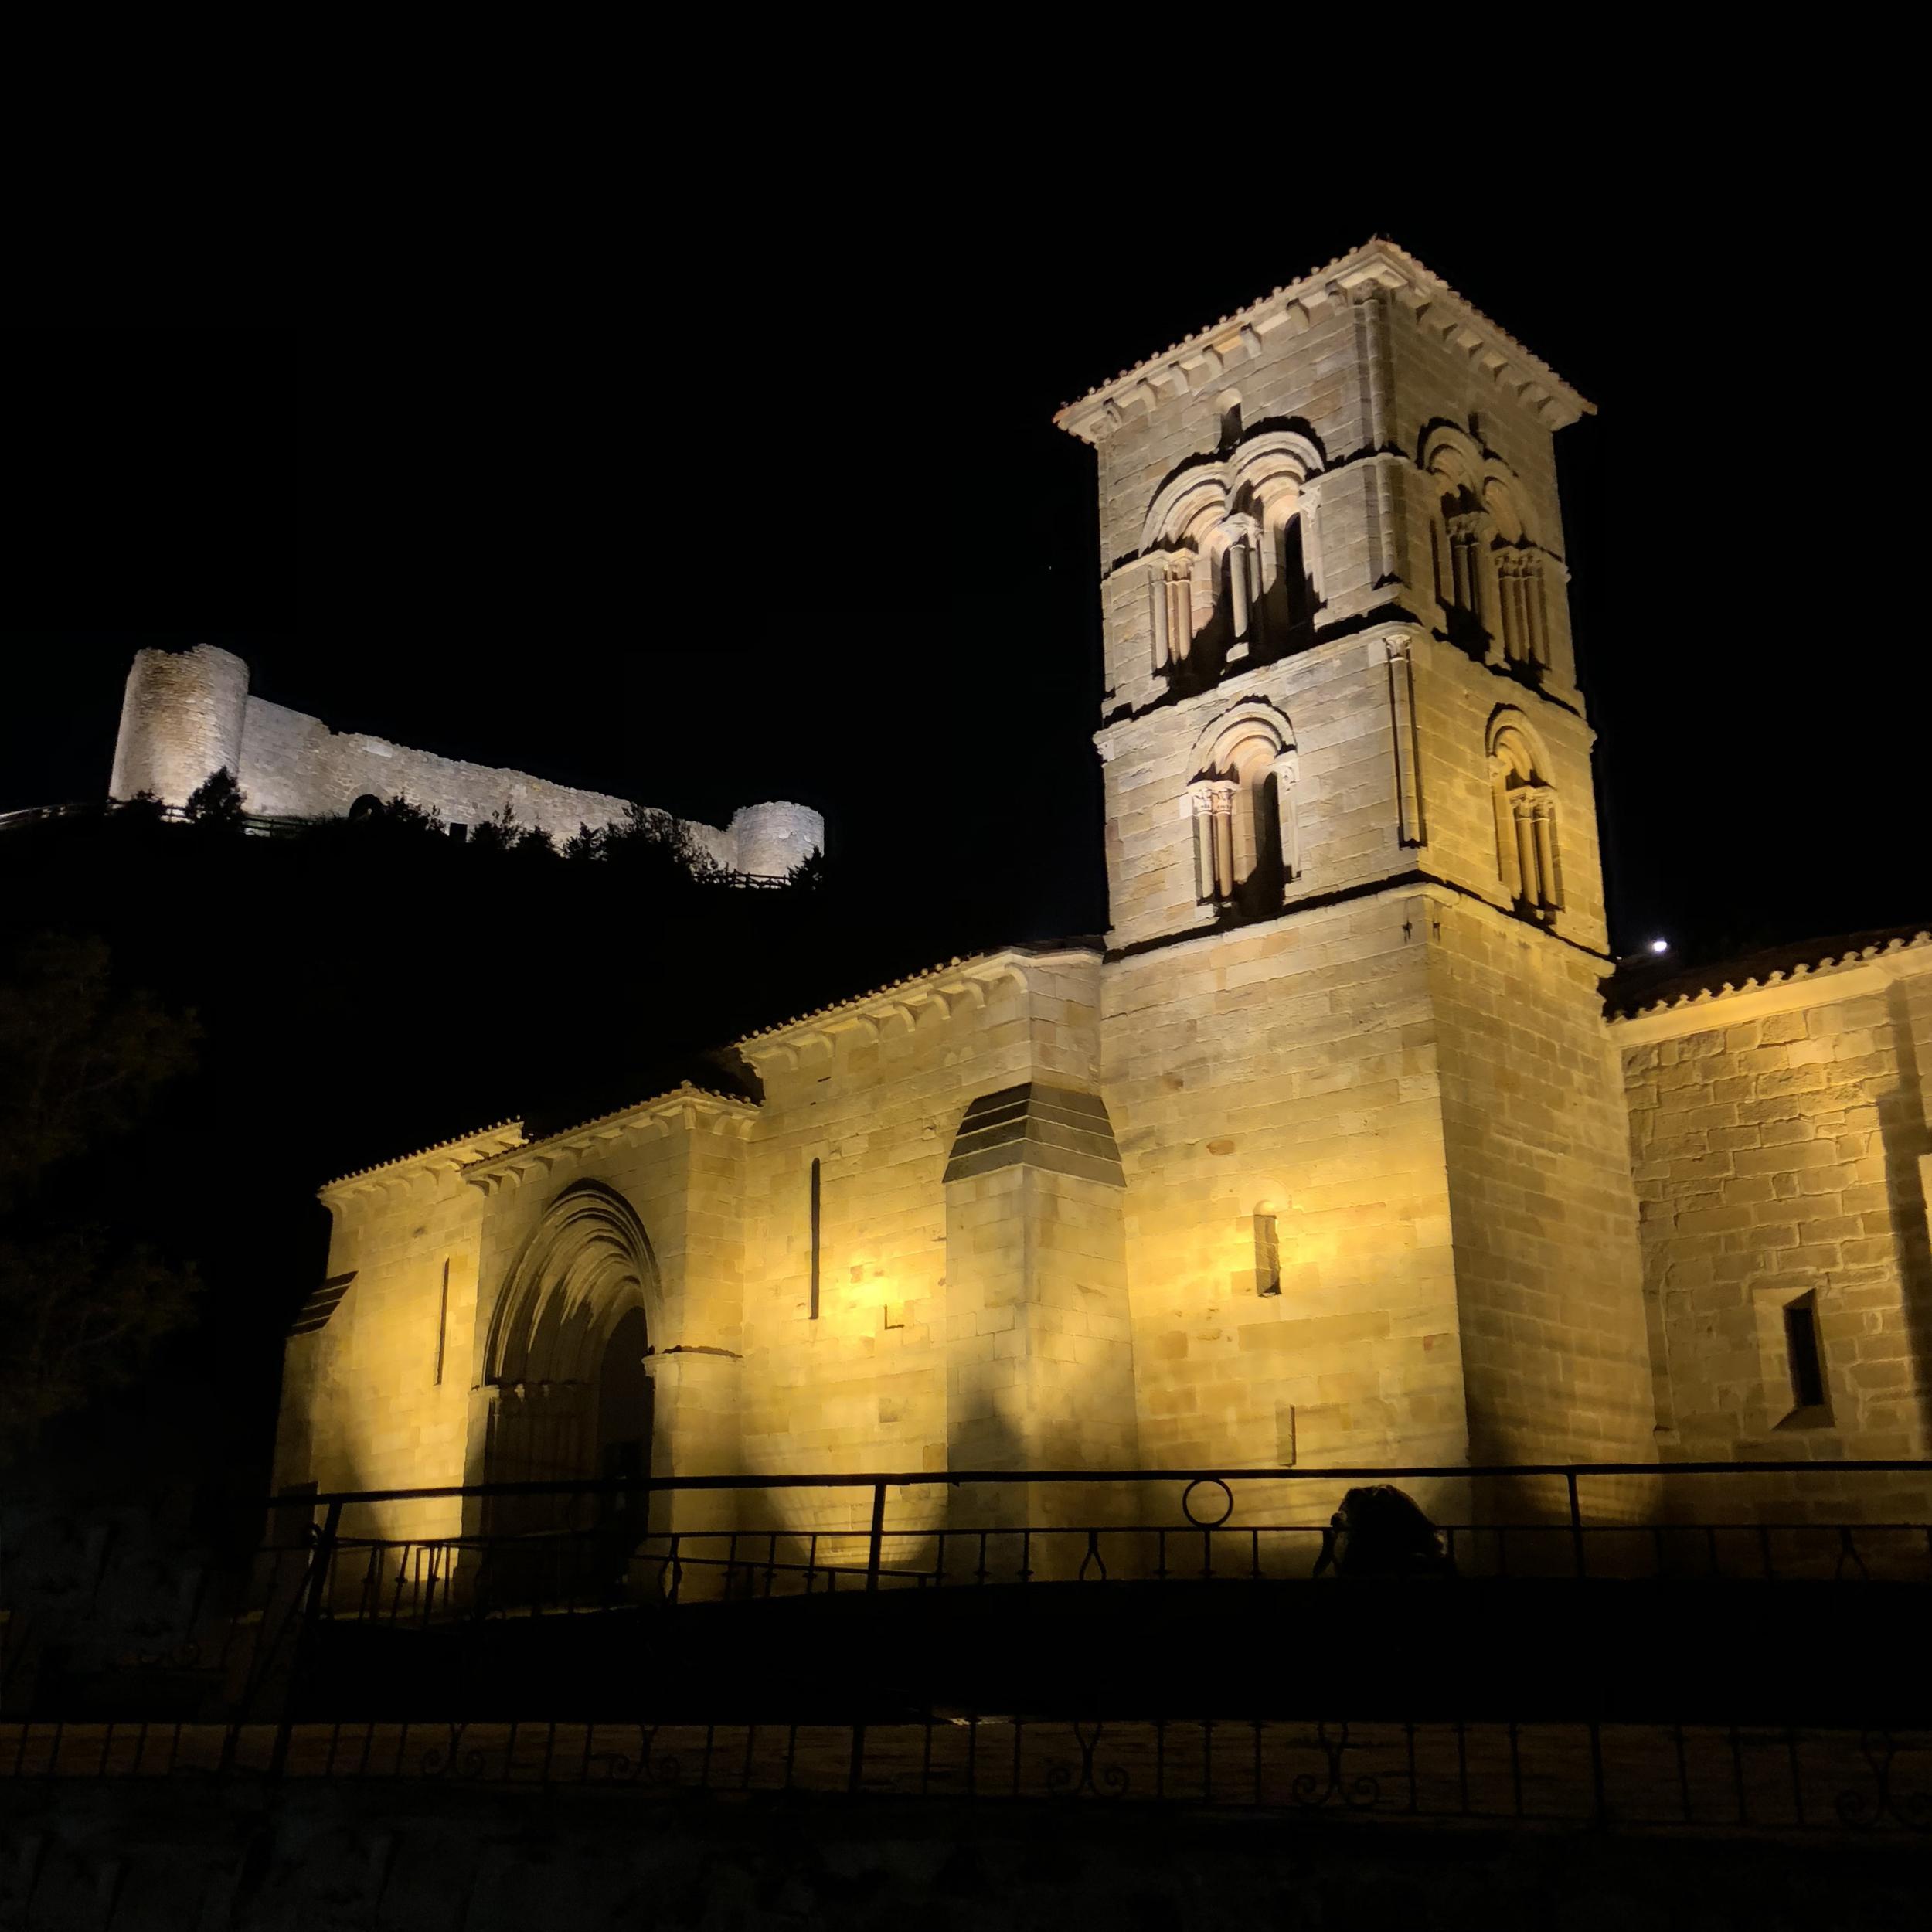 Santa Cecilia, in Aguilar de Campoo.